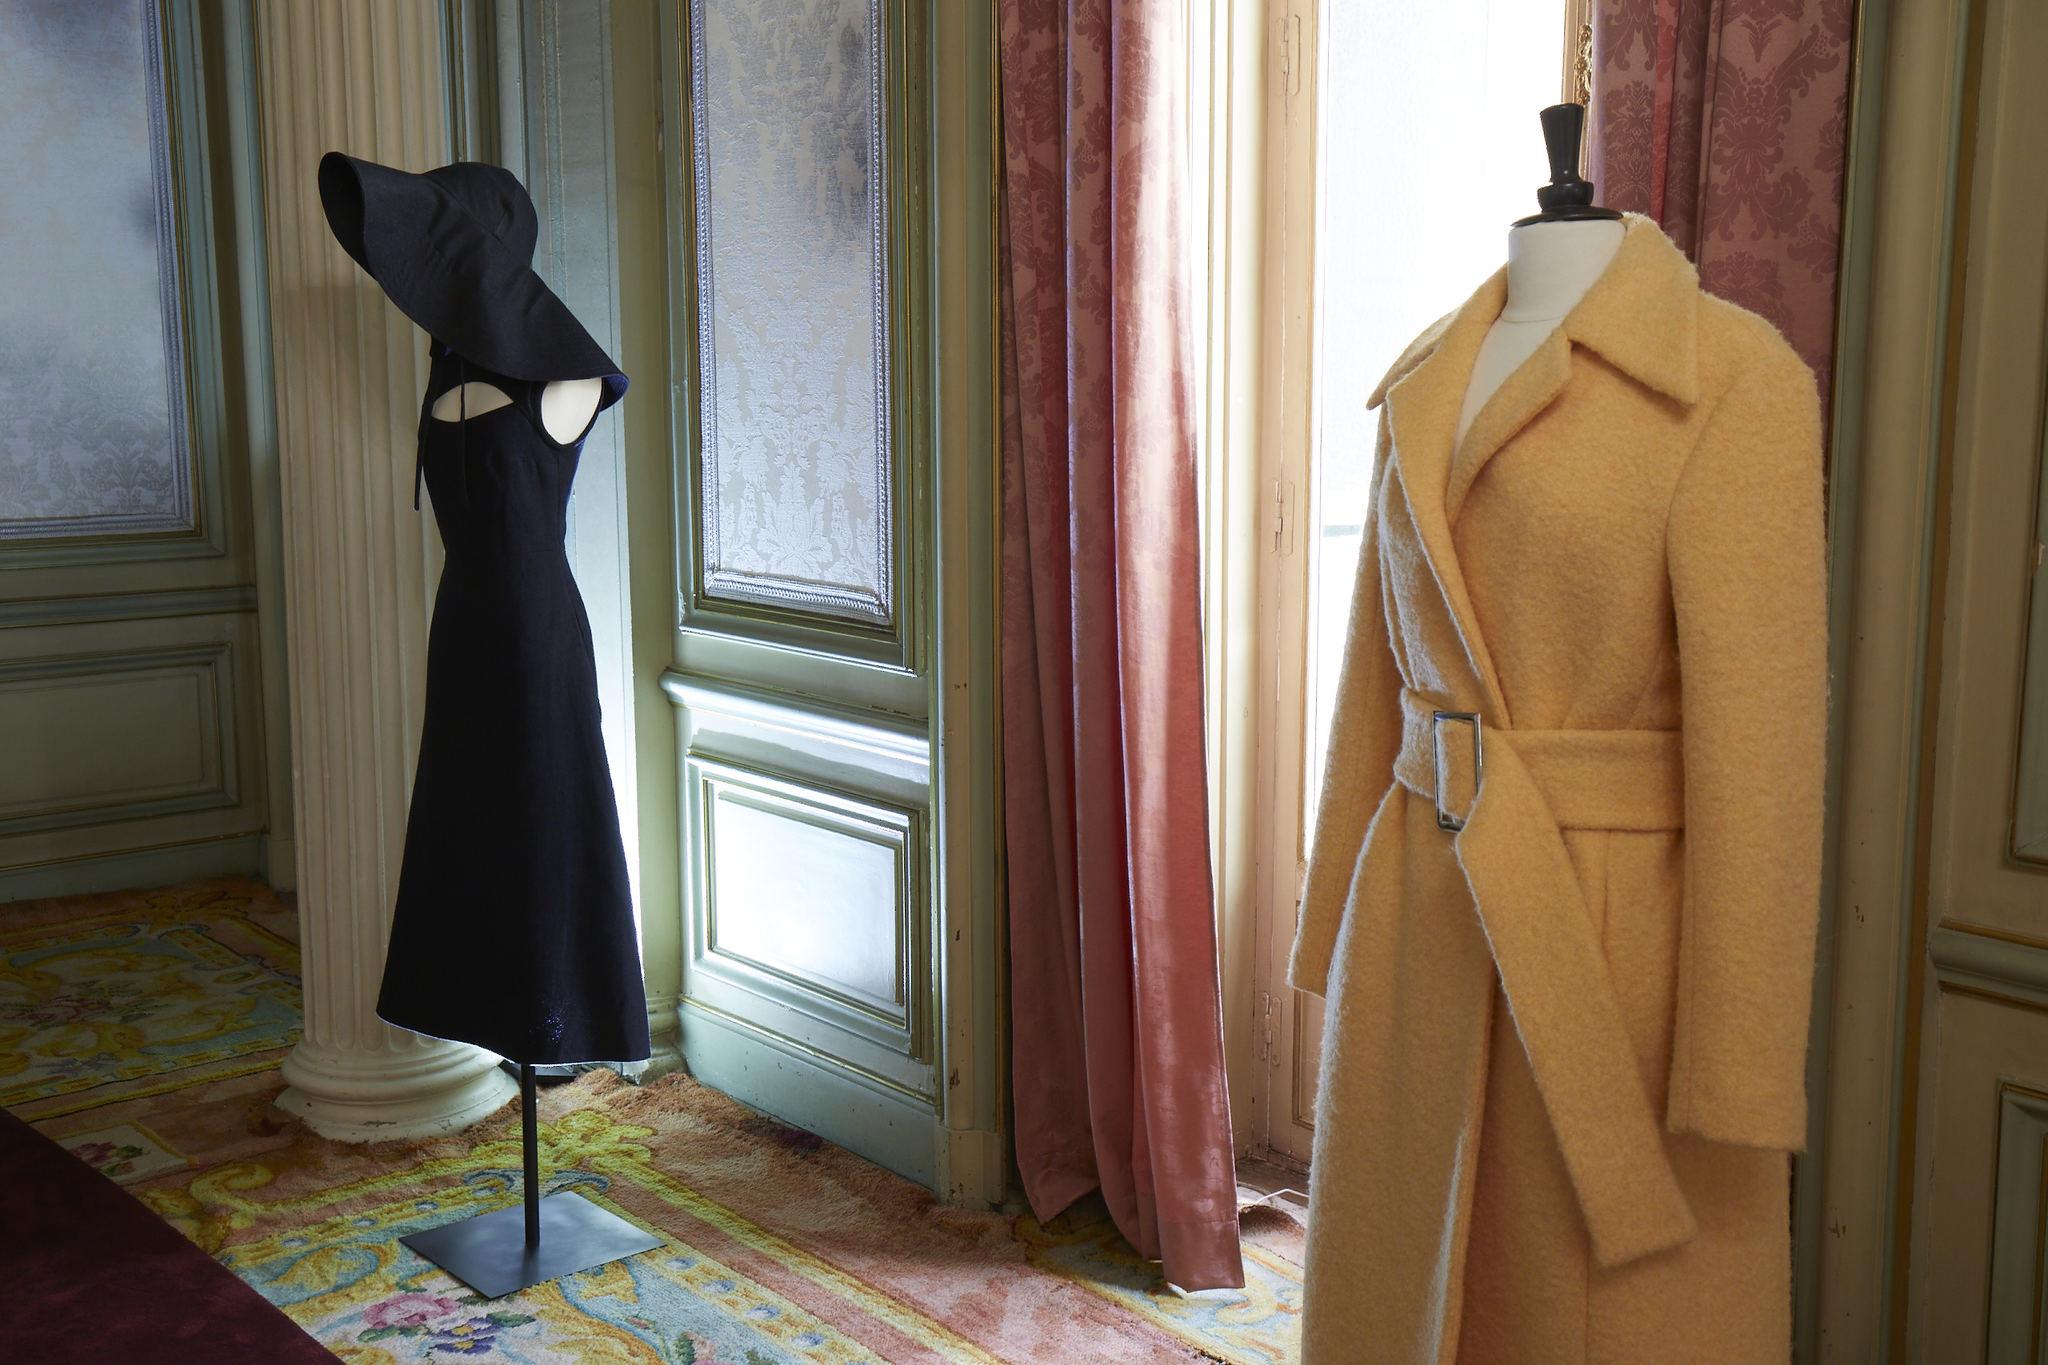 Vestido negro de Moisés Nieto y abrigo de Duarte.